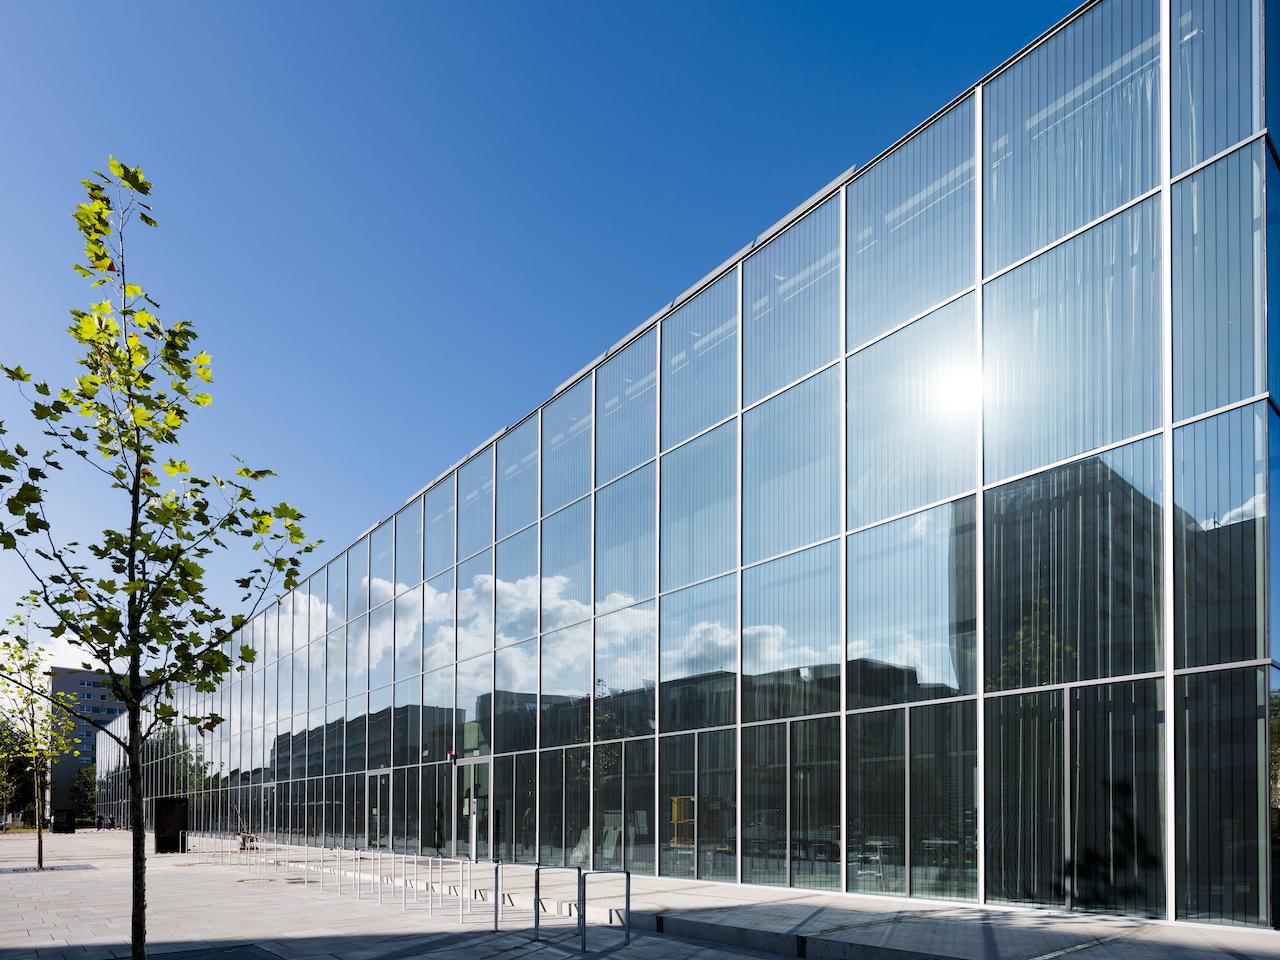 © Stiftung Bauhaus Dessau  Foto Thomas MeyerOSTKREUZ